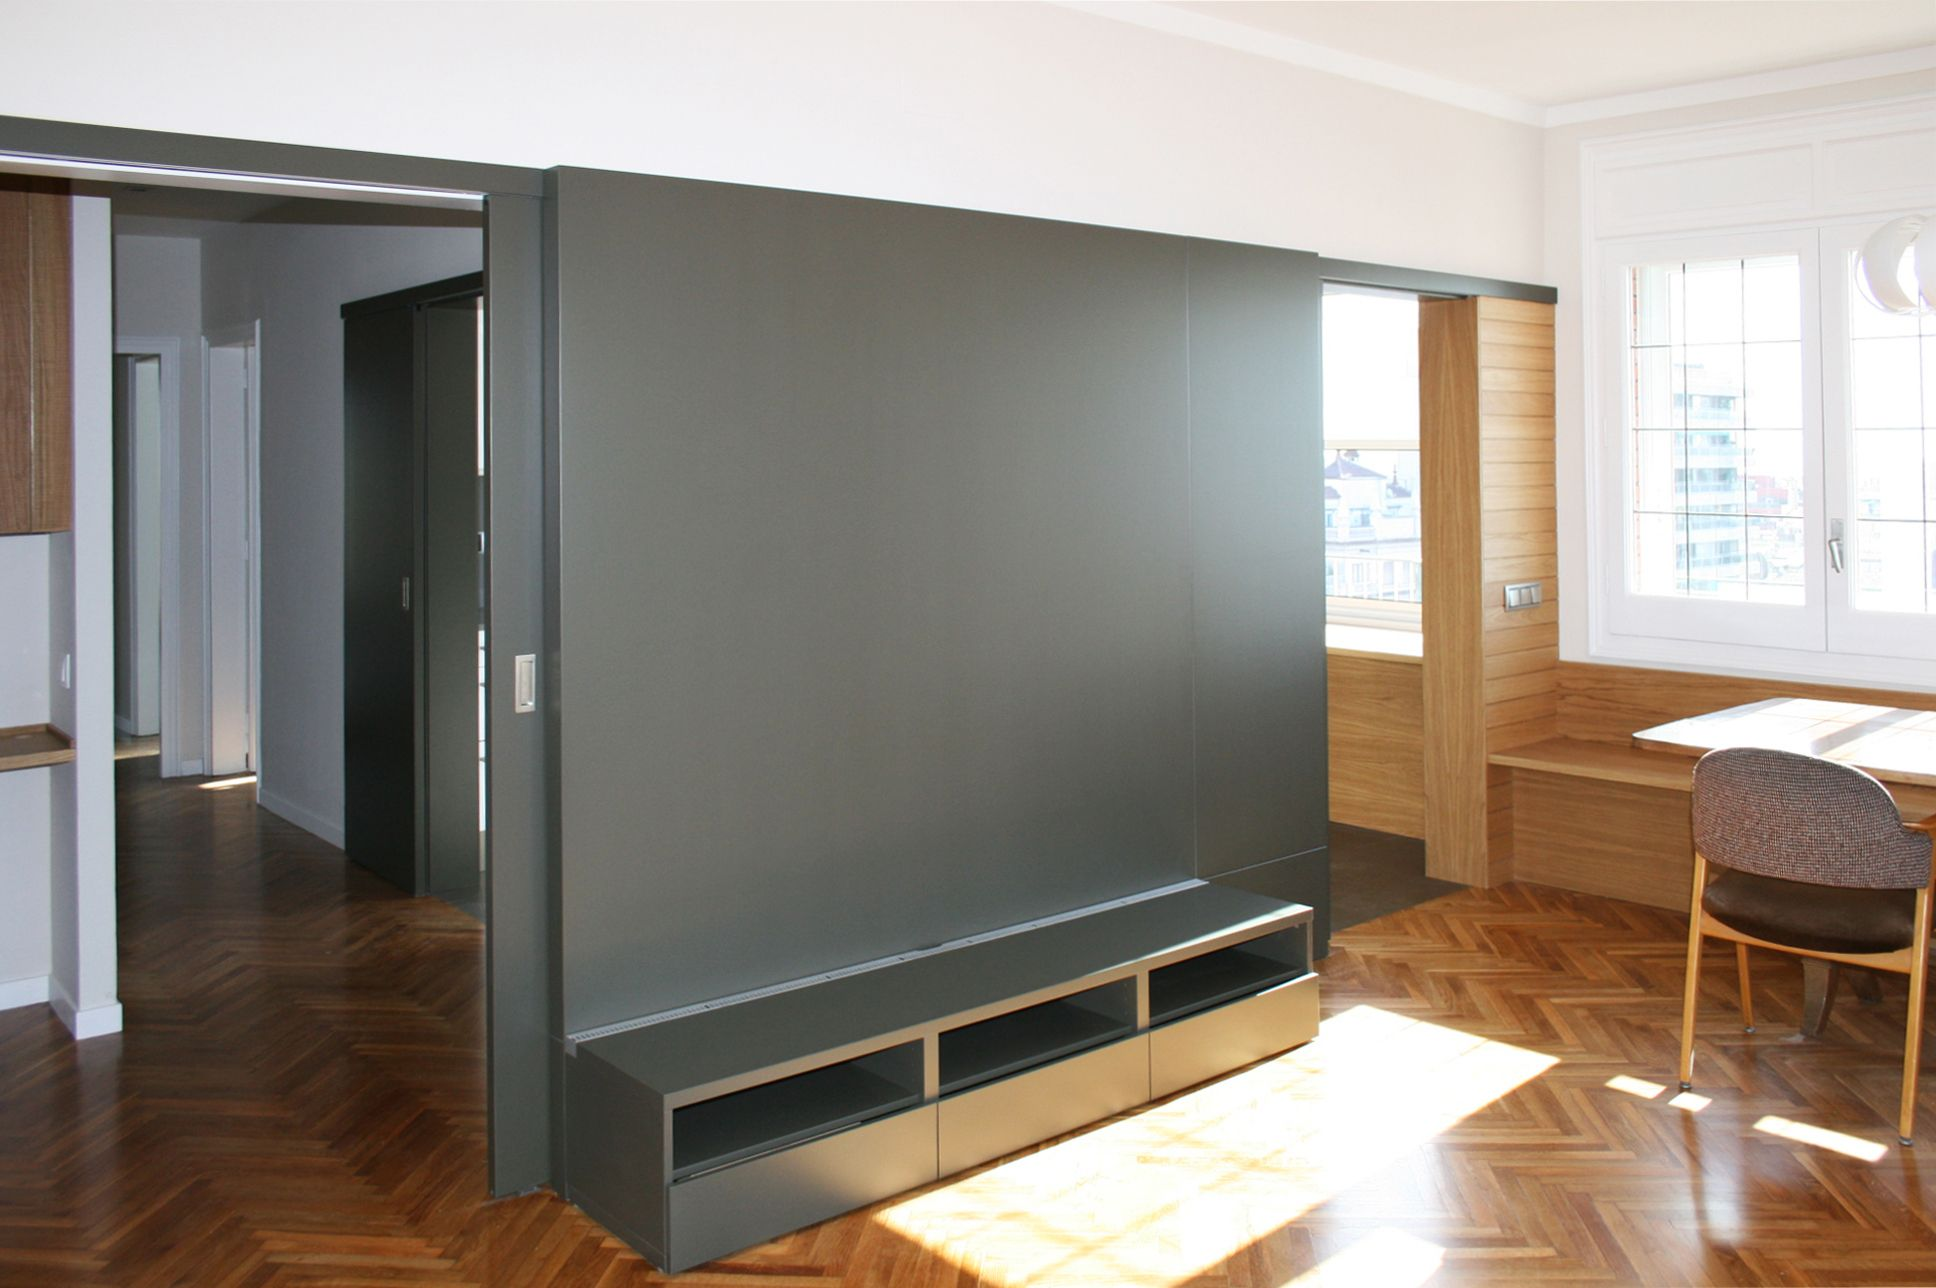 Comedor Sala De La Tv Moderno Decoracion Via Planreforma  # Muebles En El Puig